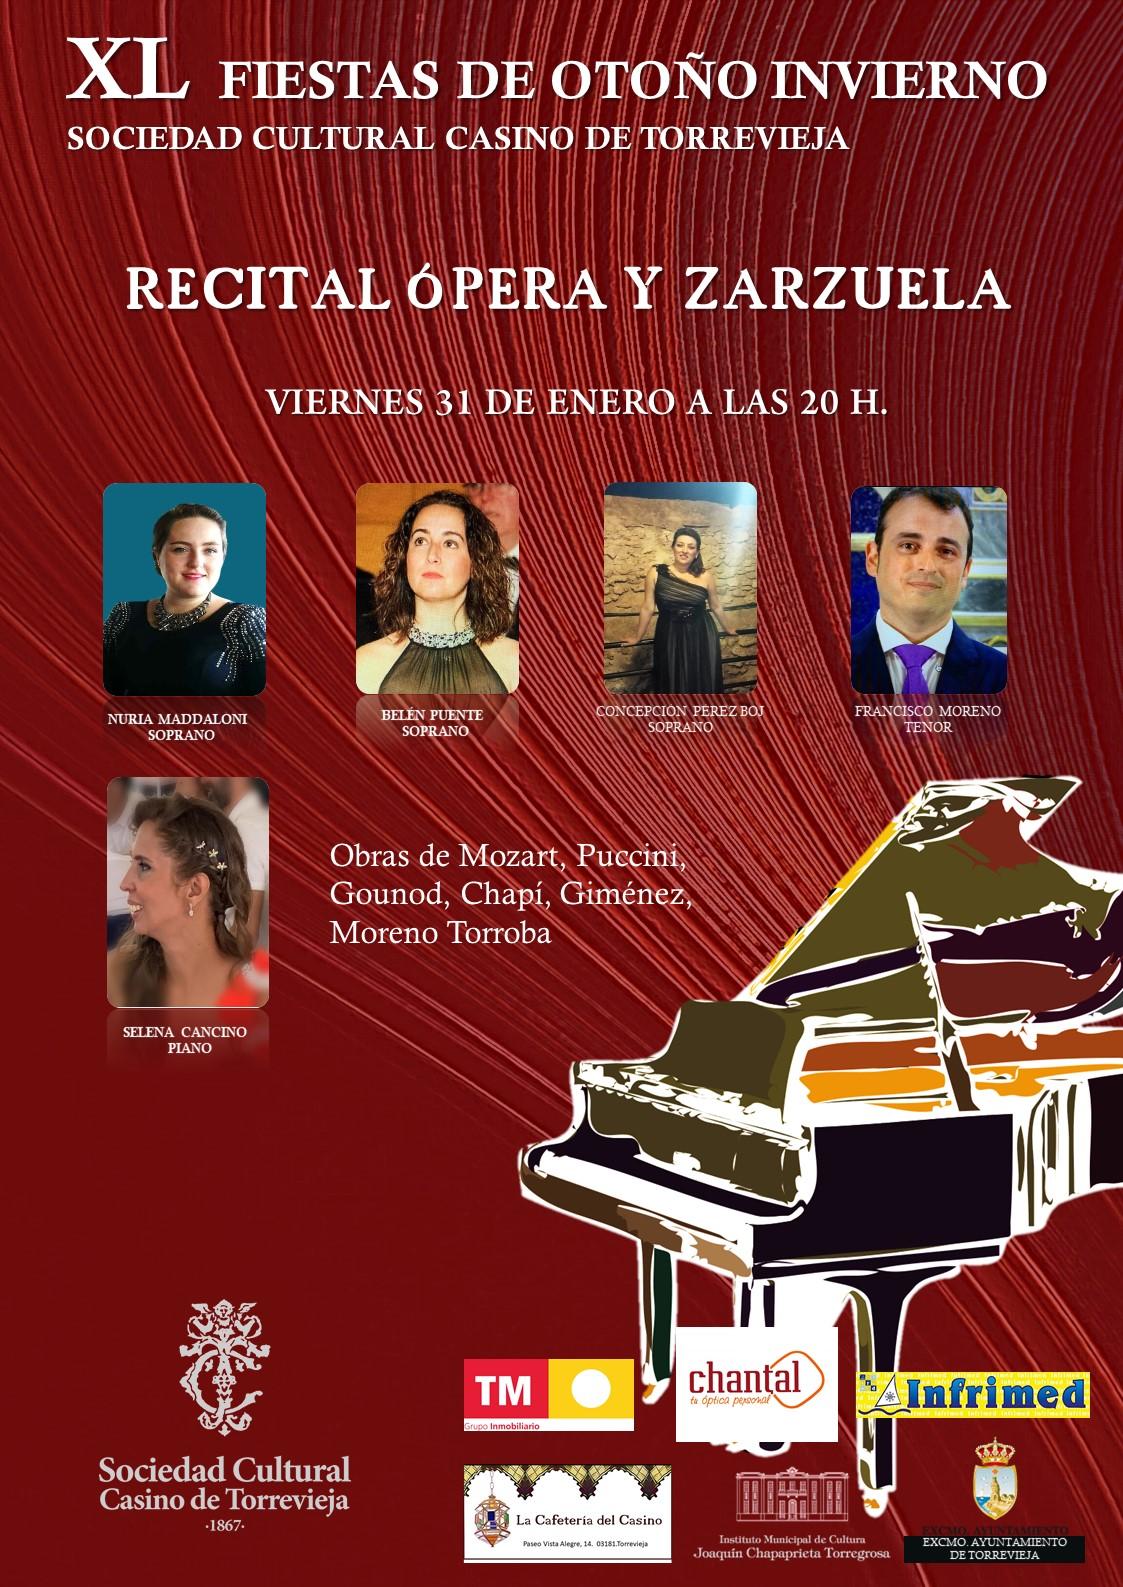 Recital de opera y zarzuela en el casino de torrevieja febrero 2020 2